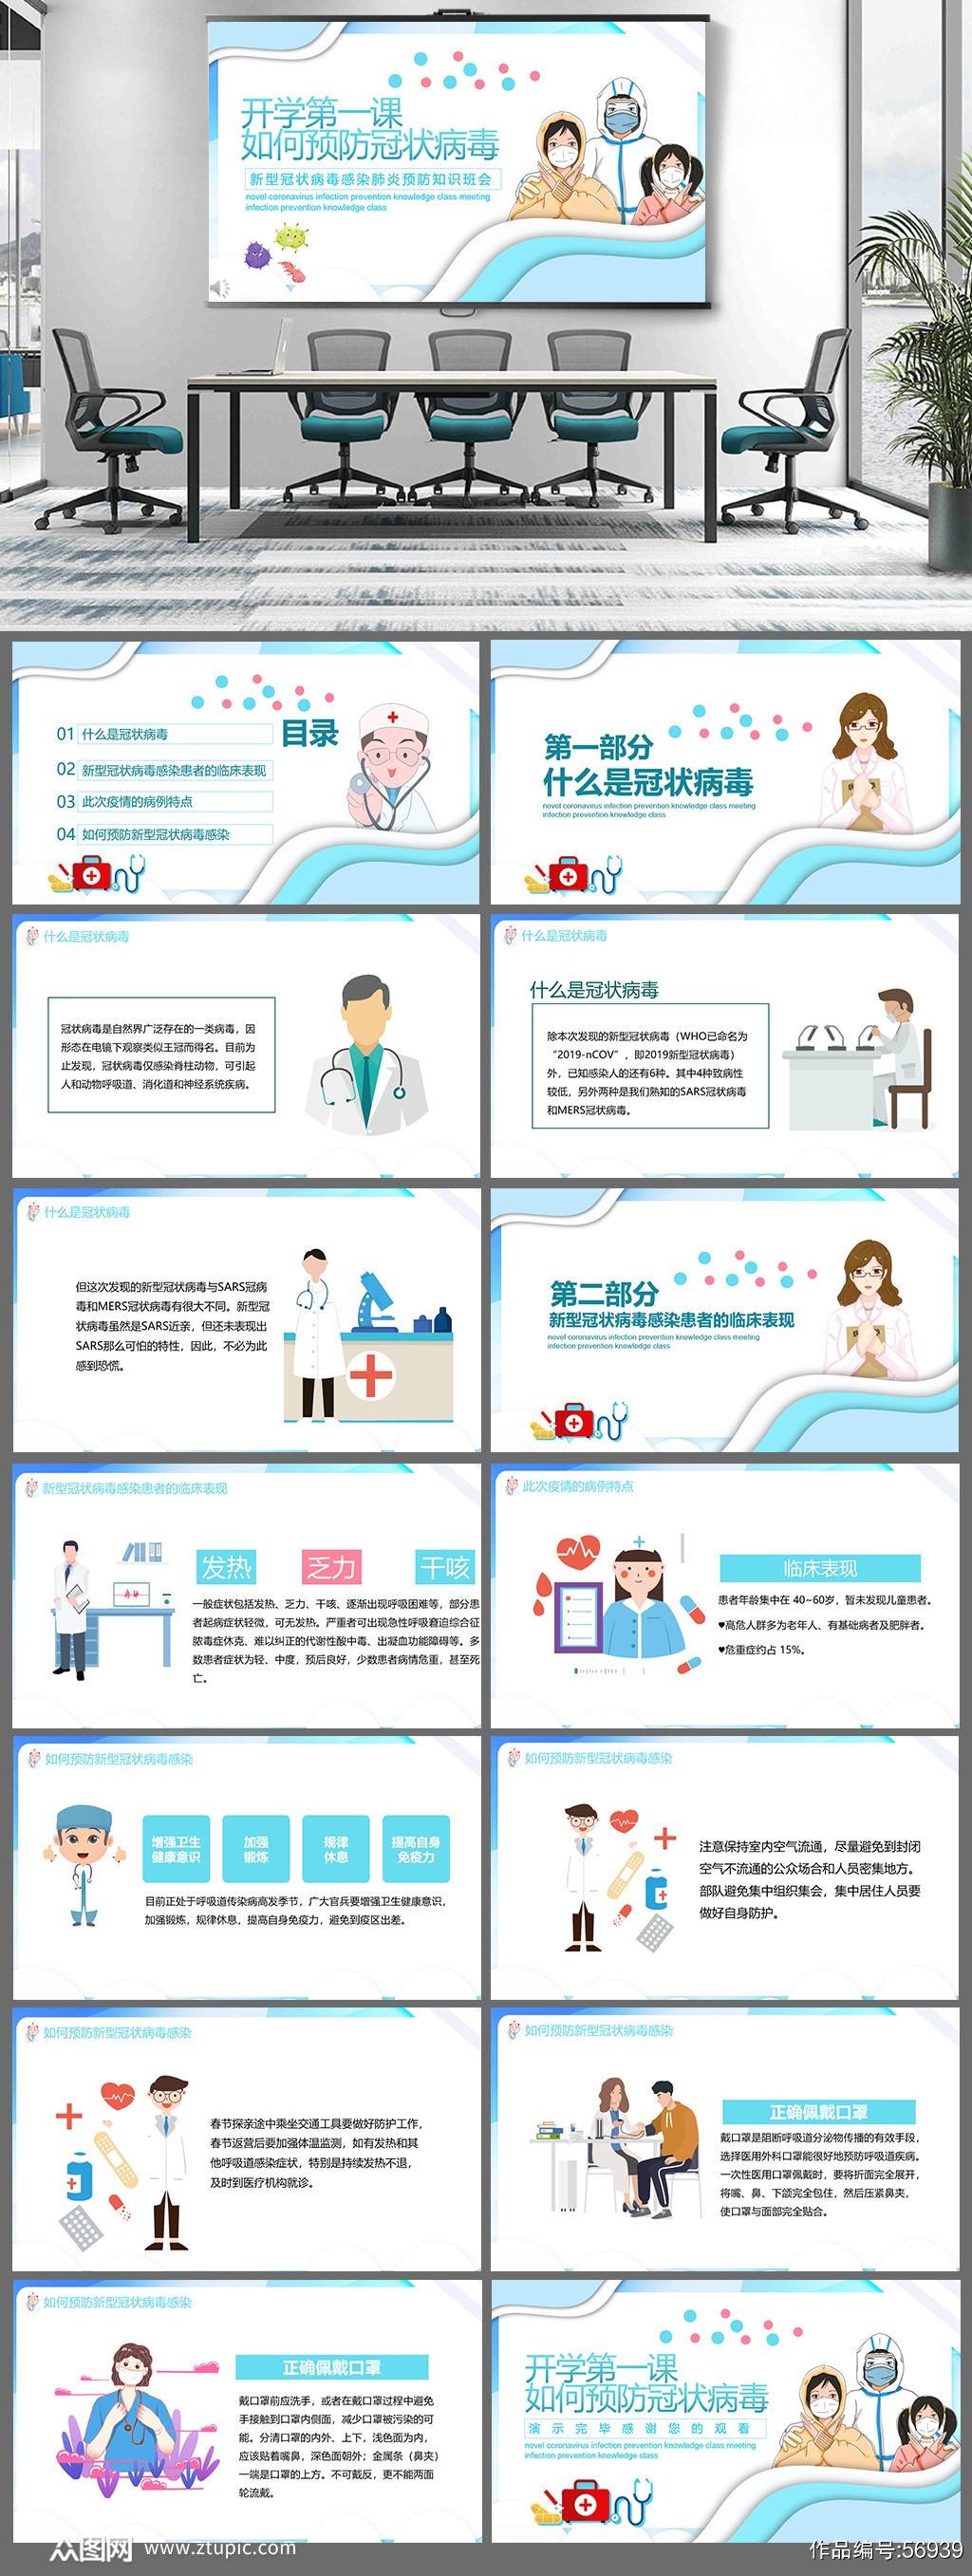 如何预防冠状病毒主题班会素材